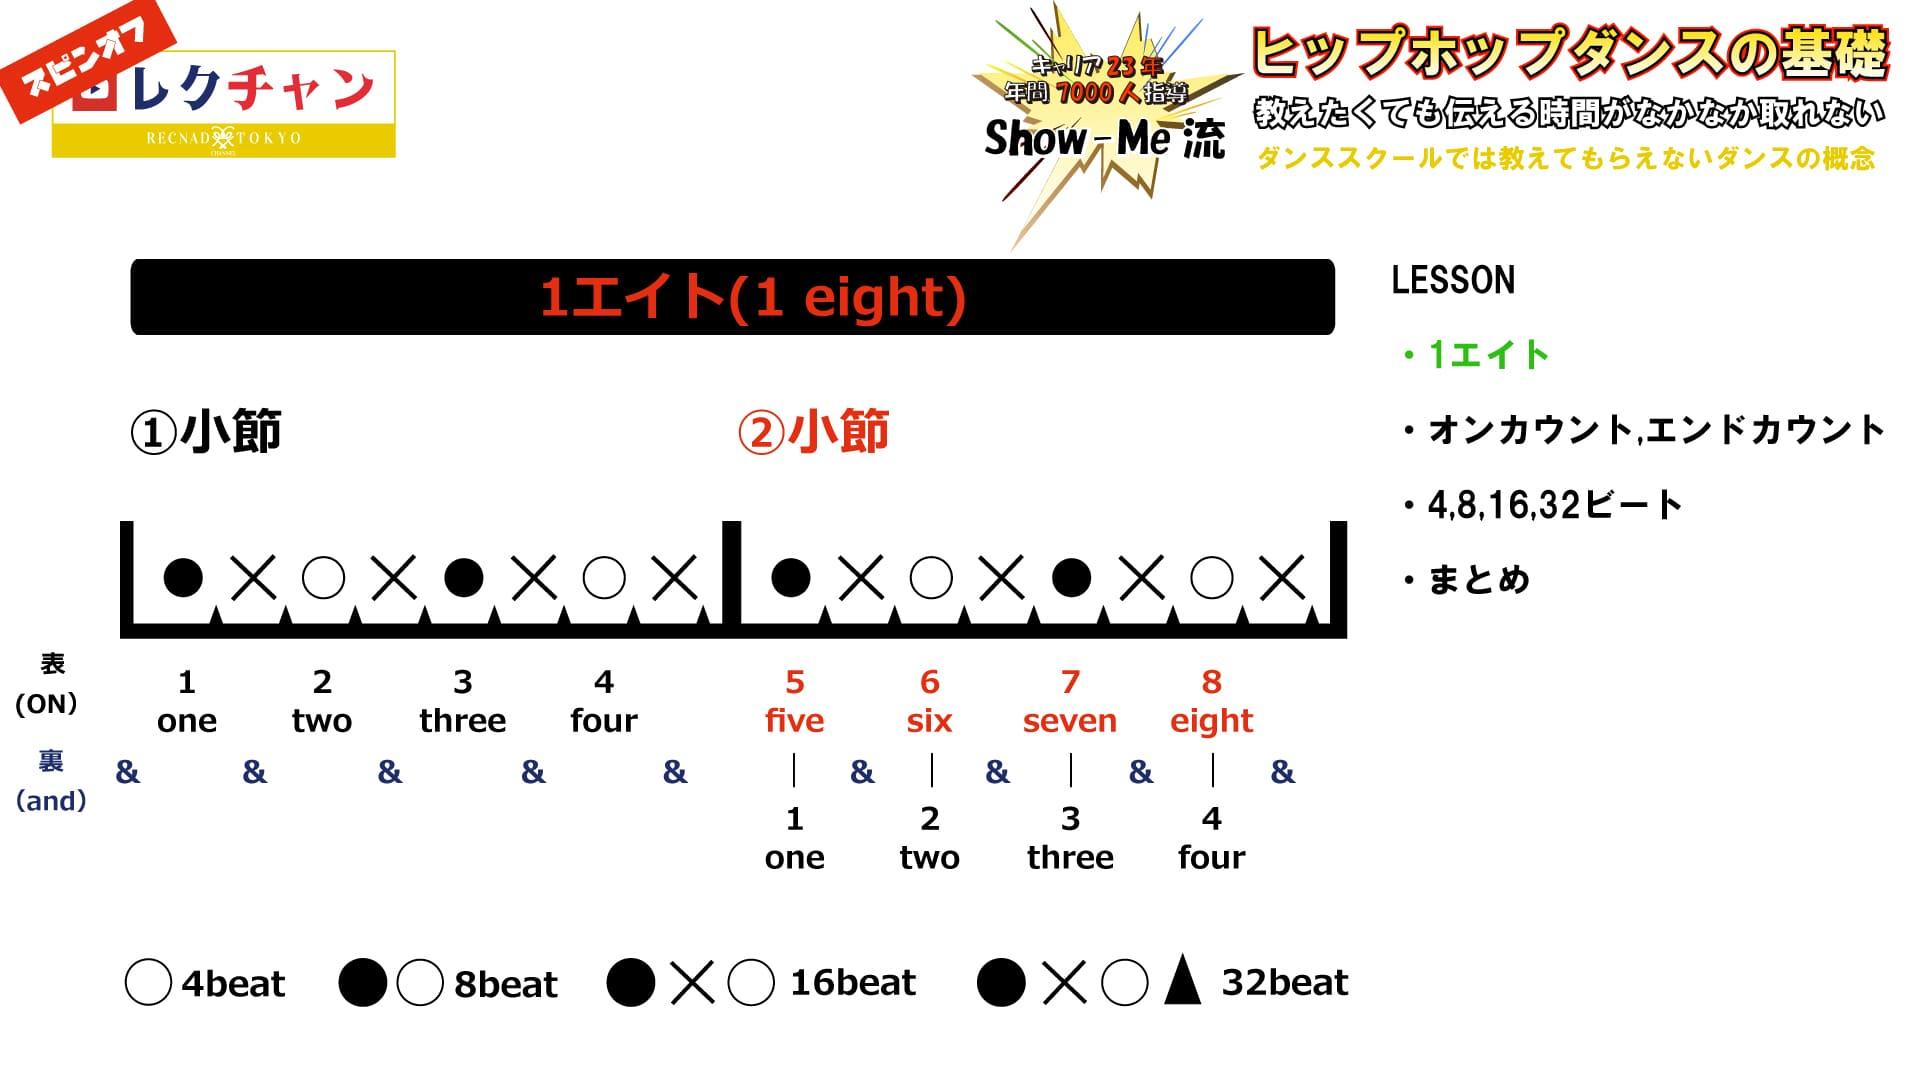 ヒップホップダンス の音取り カウント リズム の仕組み【初心者用】